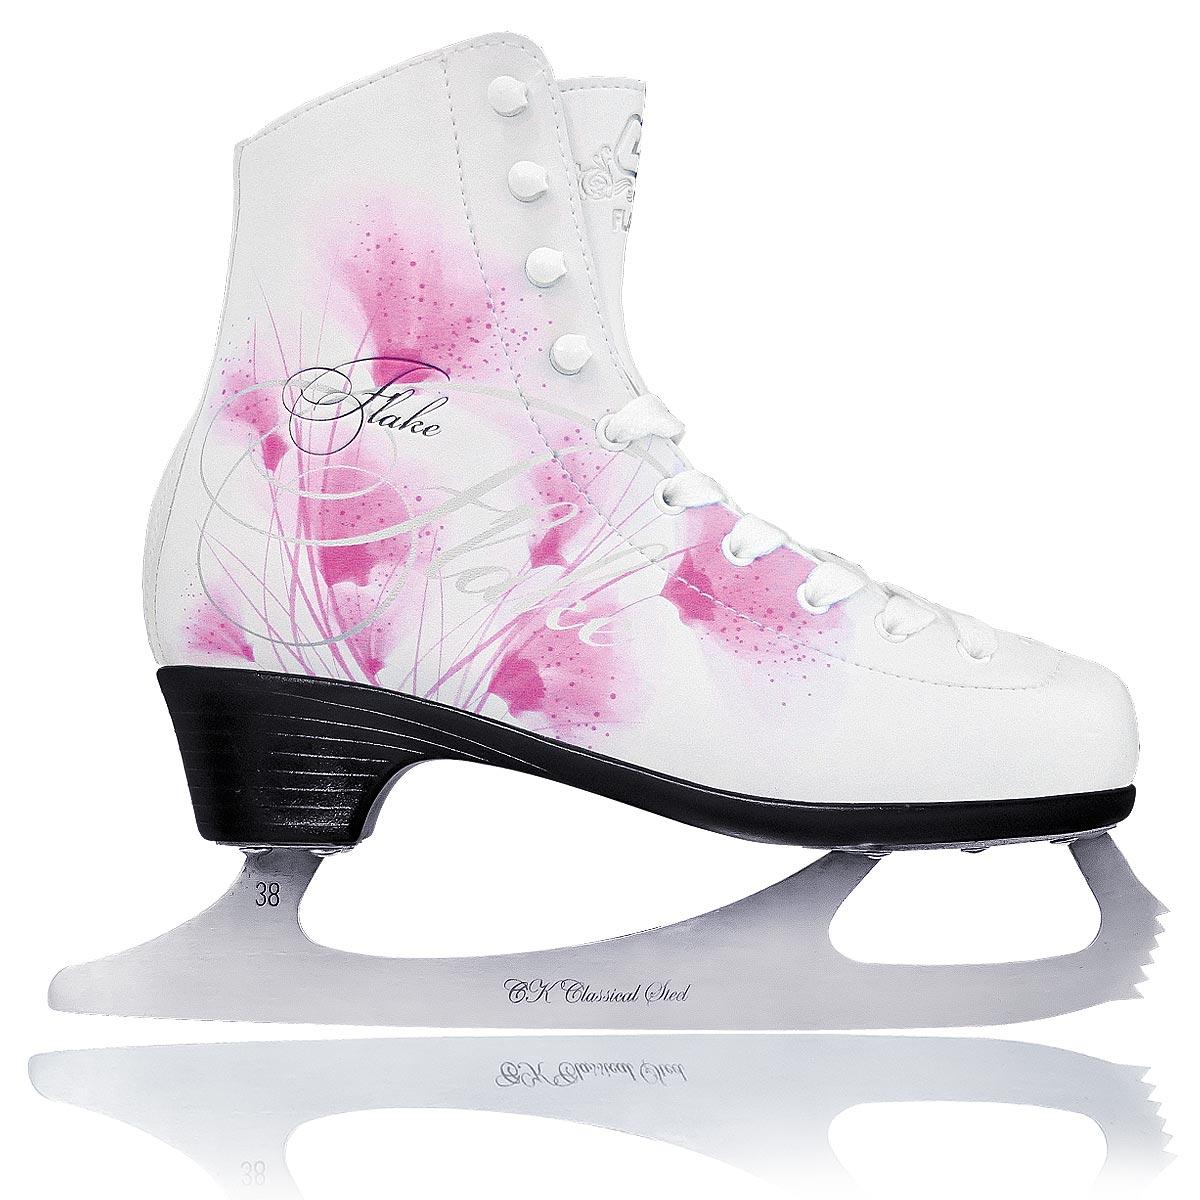 Коньки фигурные для девочки CK Flake Leather, цвет: белый, фуксия. Размер 36